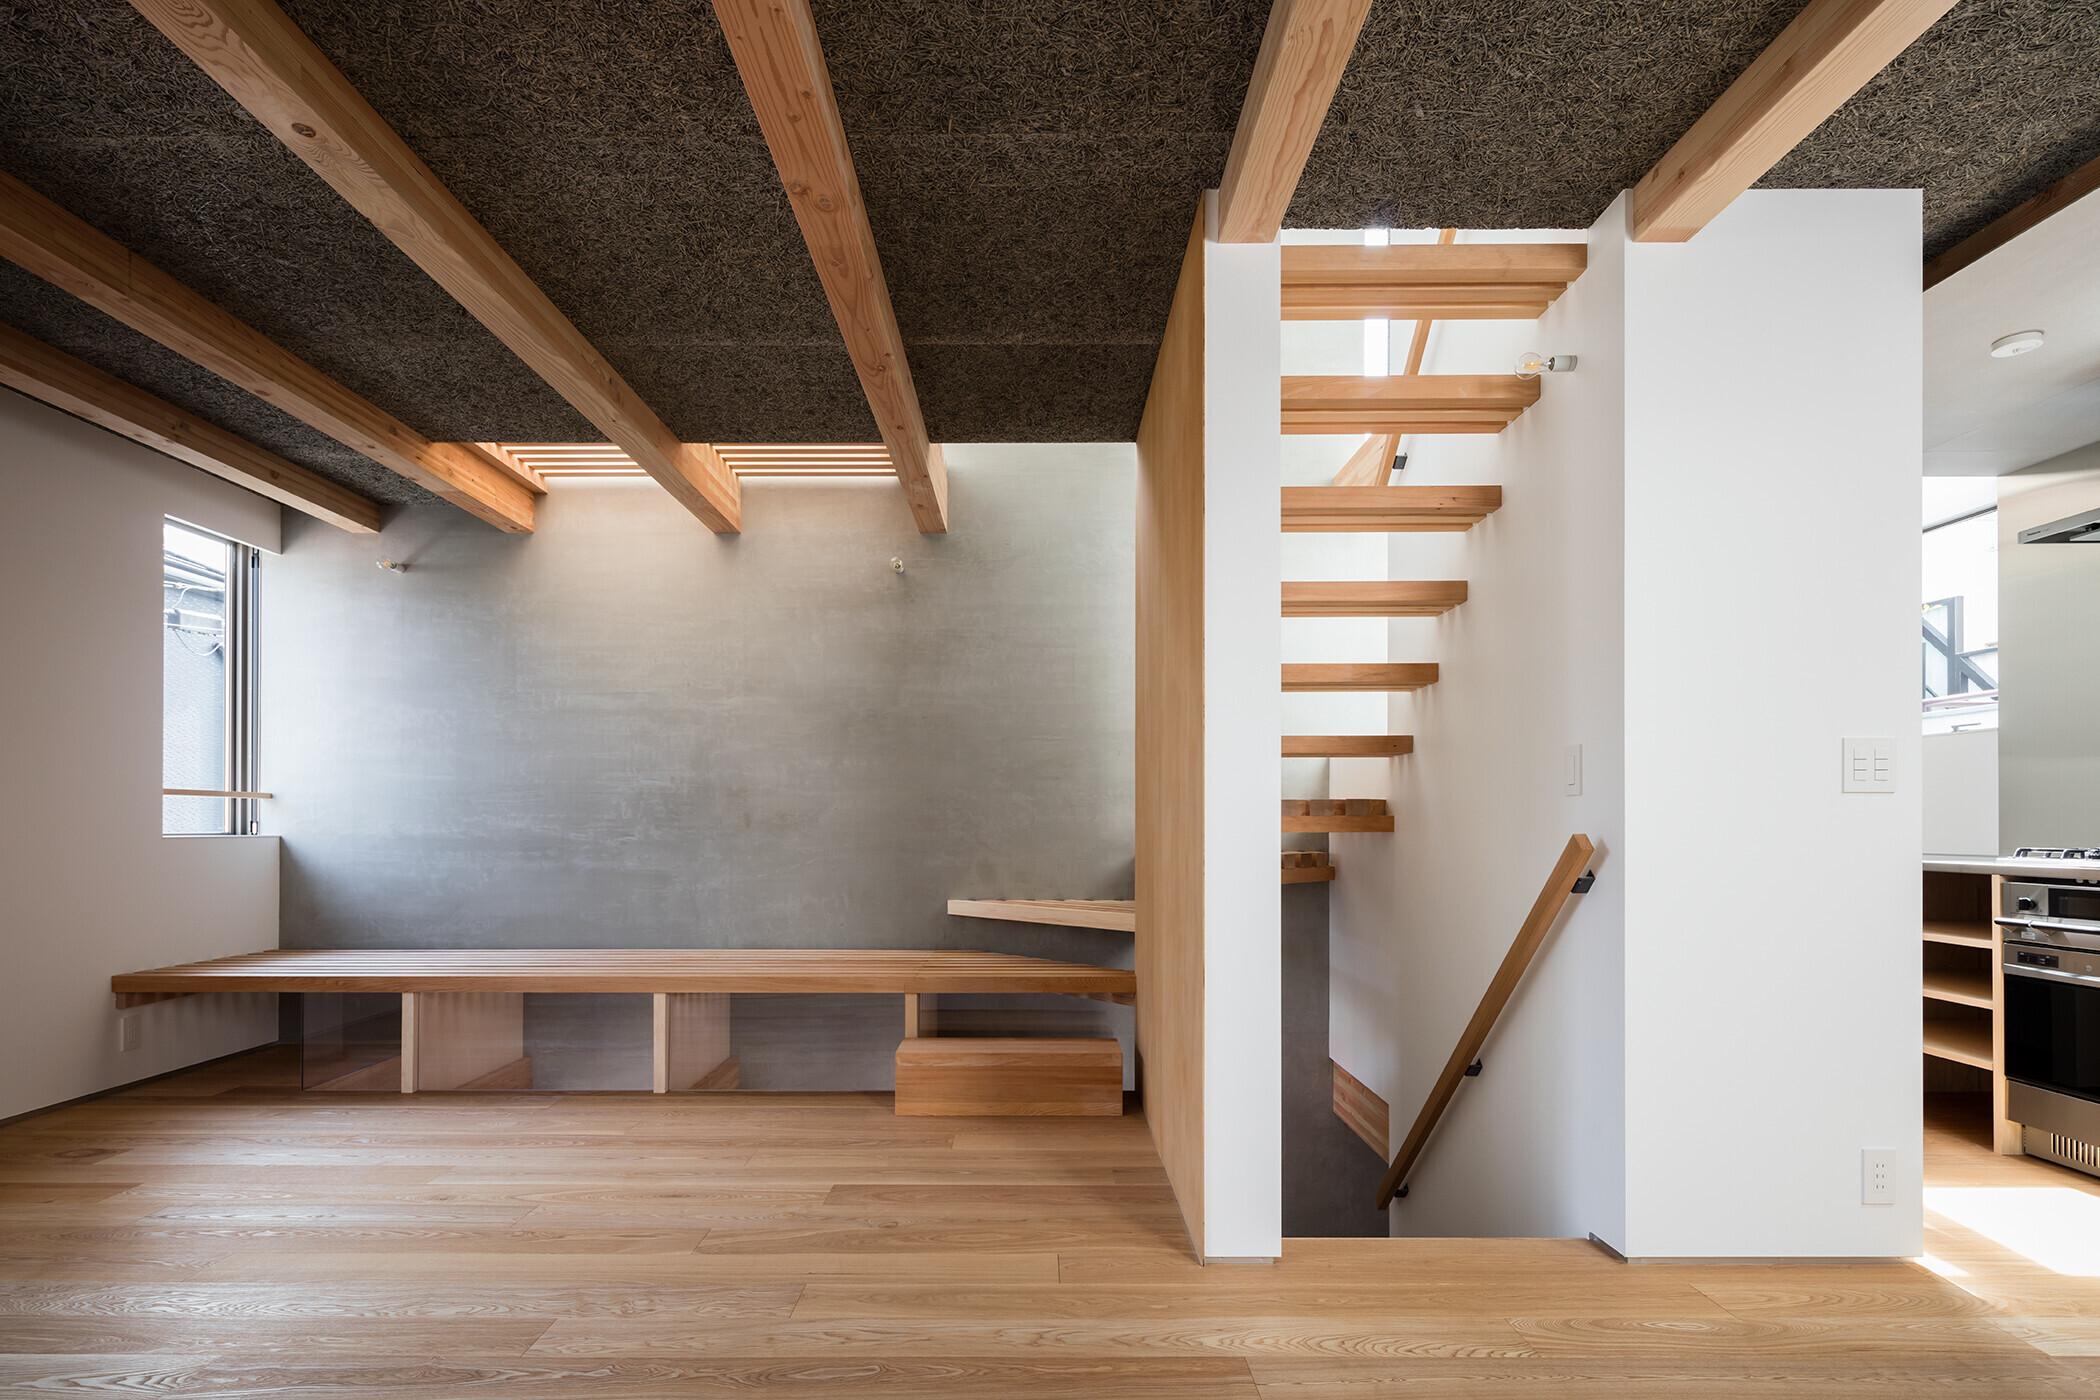 nt 2020-の建築事例写真